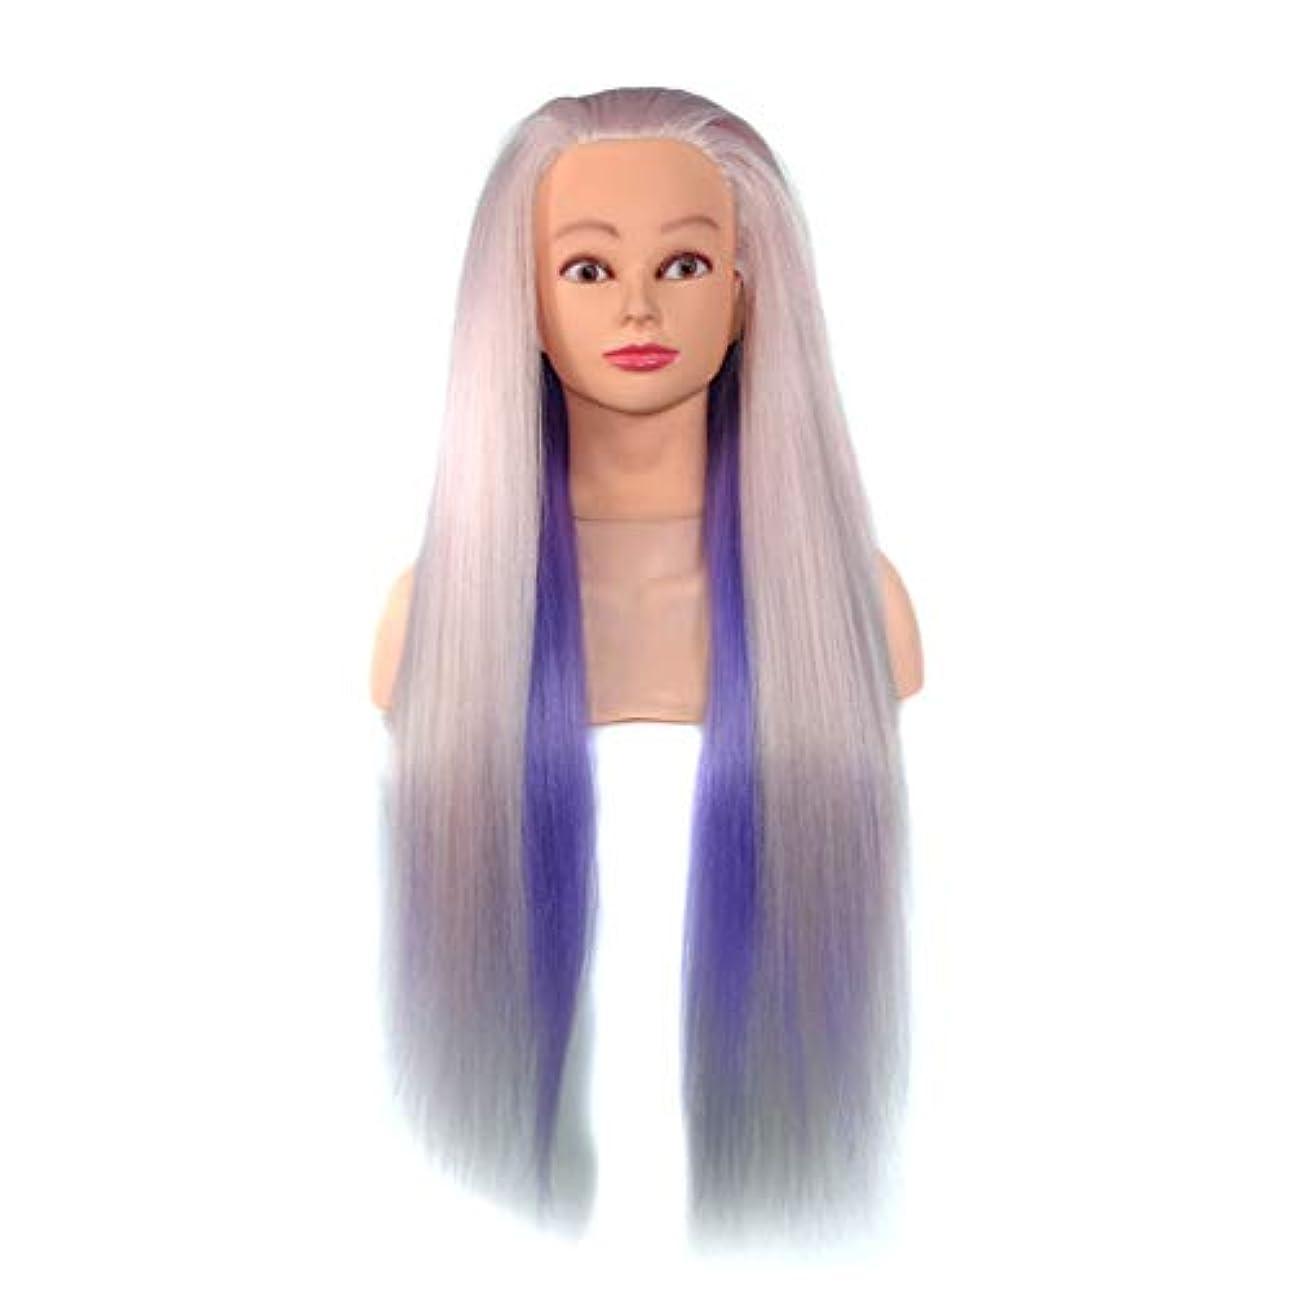 まさに潜在的な計り知れない高温シルク花嫁編組エクササイズヘッドサロン教育グラデーショントレーニングヘッド理髪学習ヘッドモデル